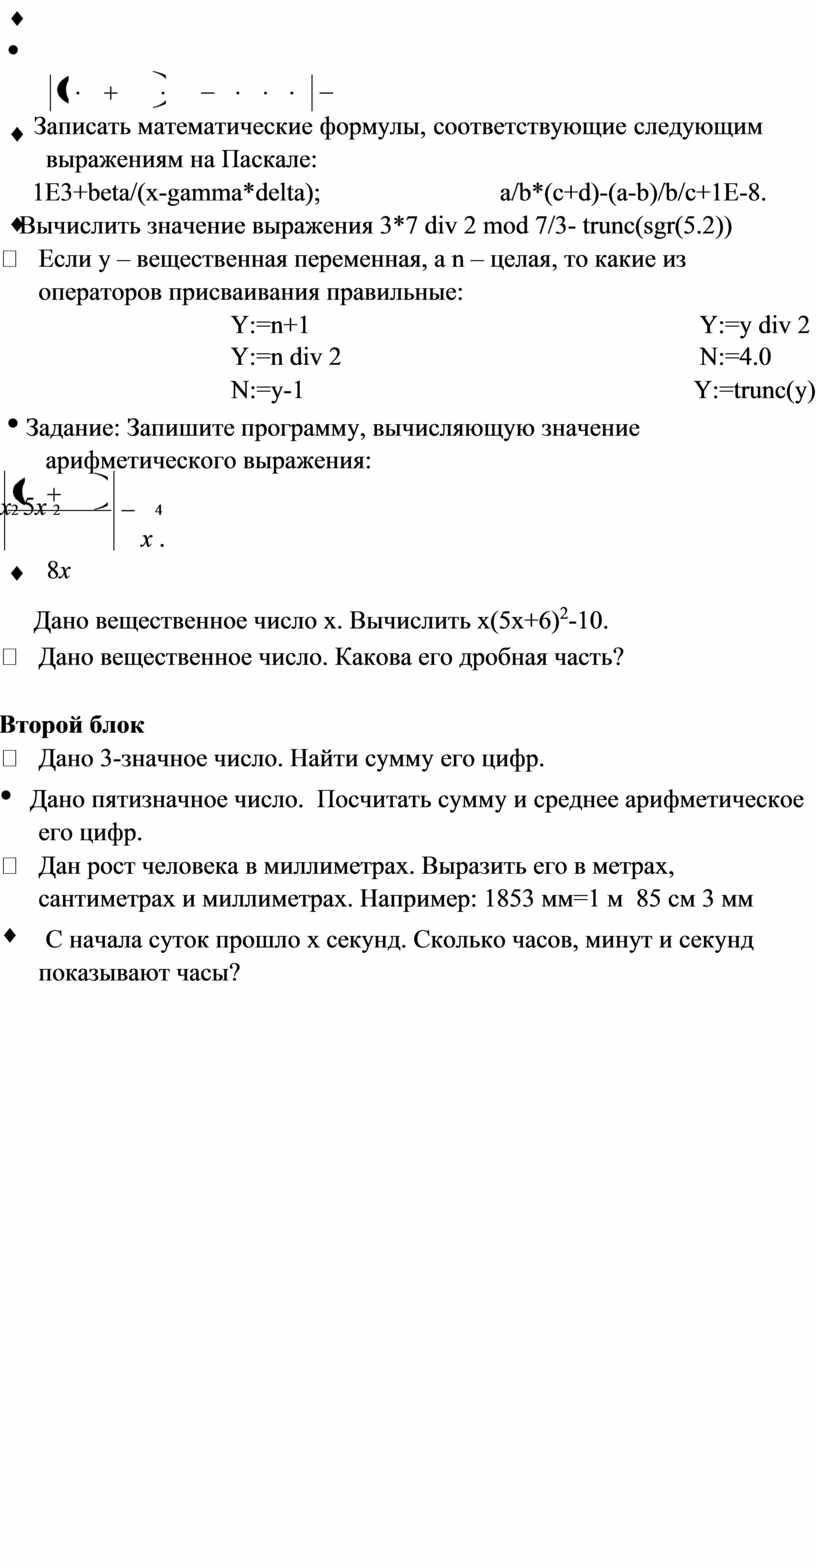 Записать математические формулы, соответствующие следующим выражениям на